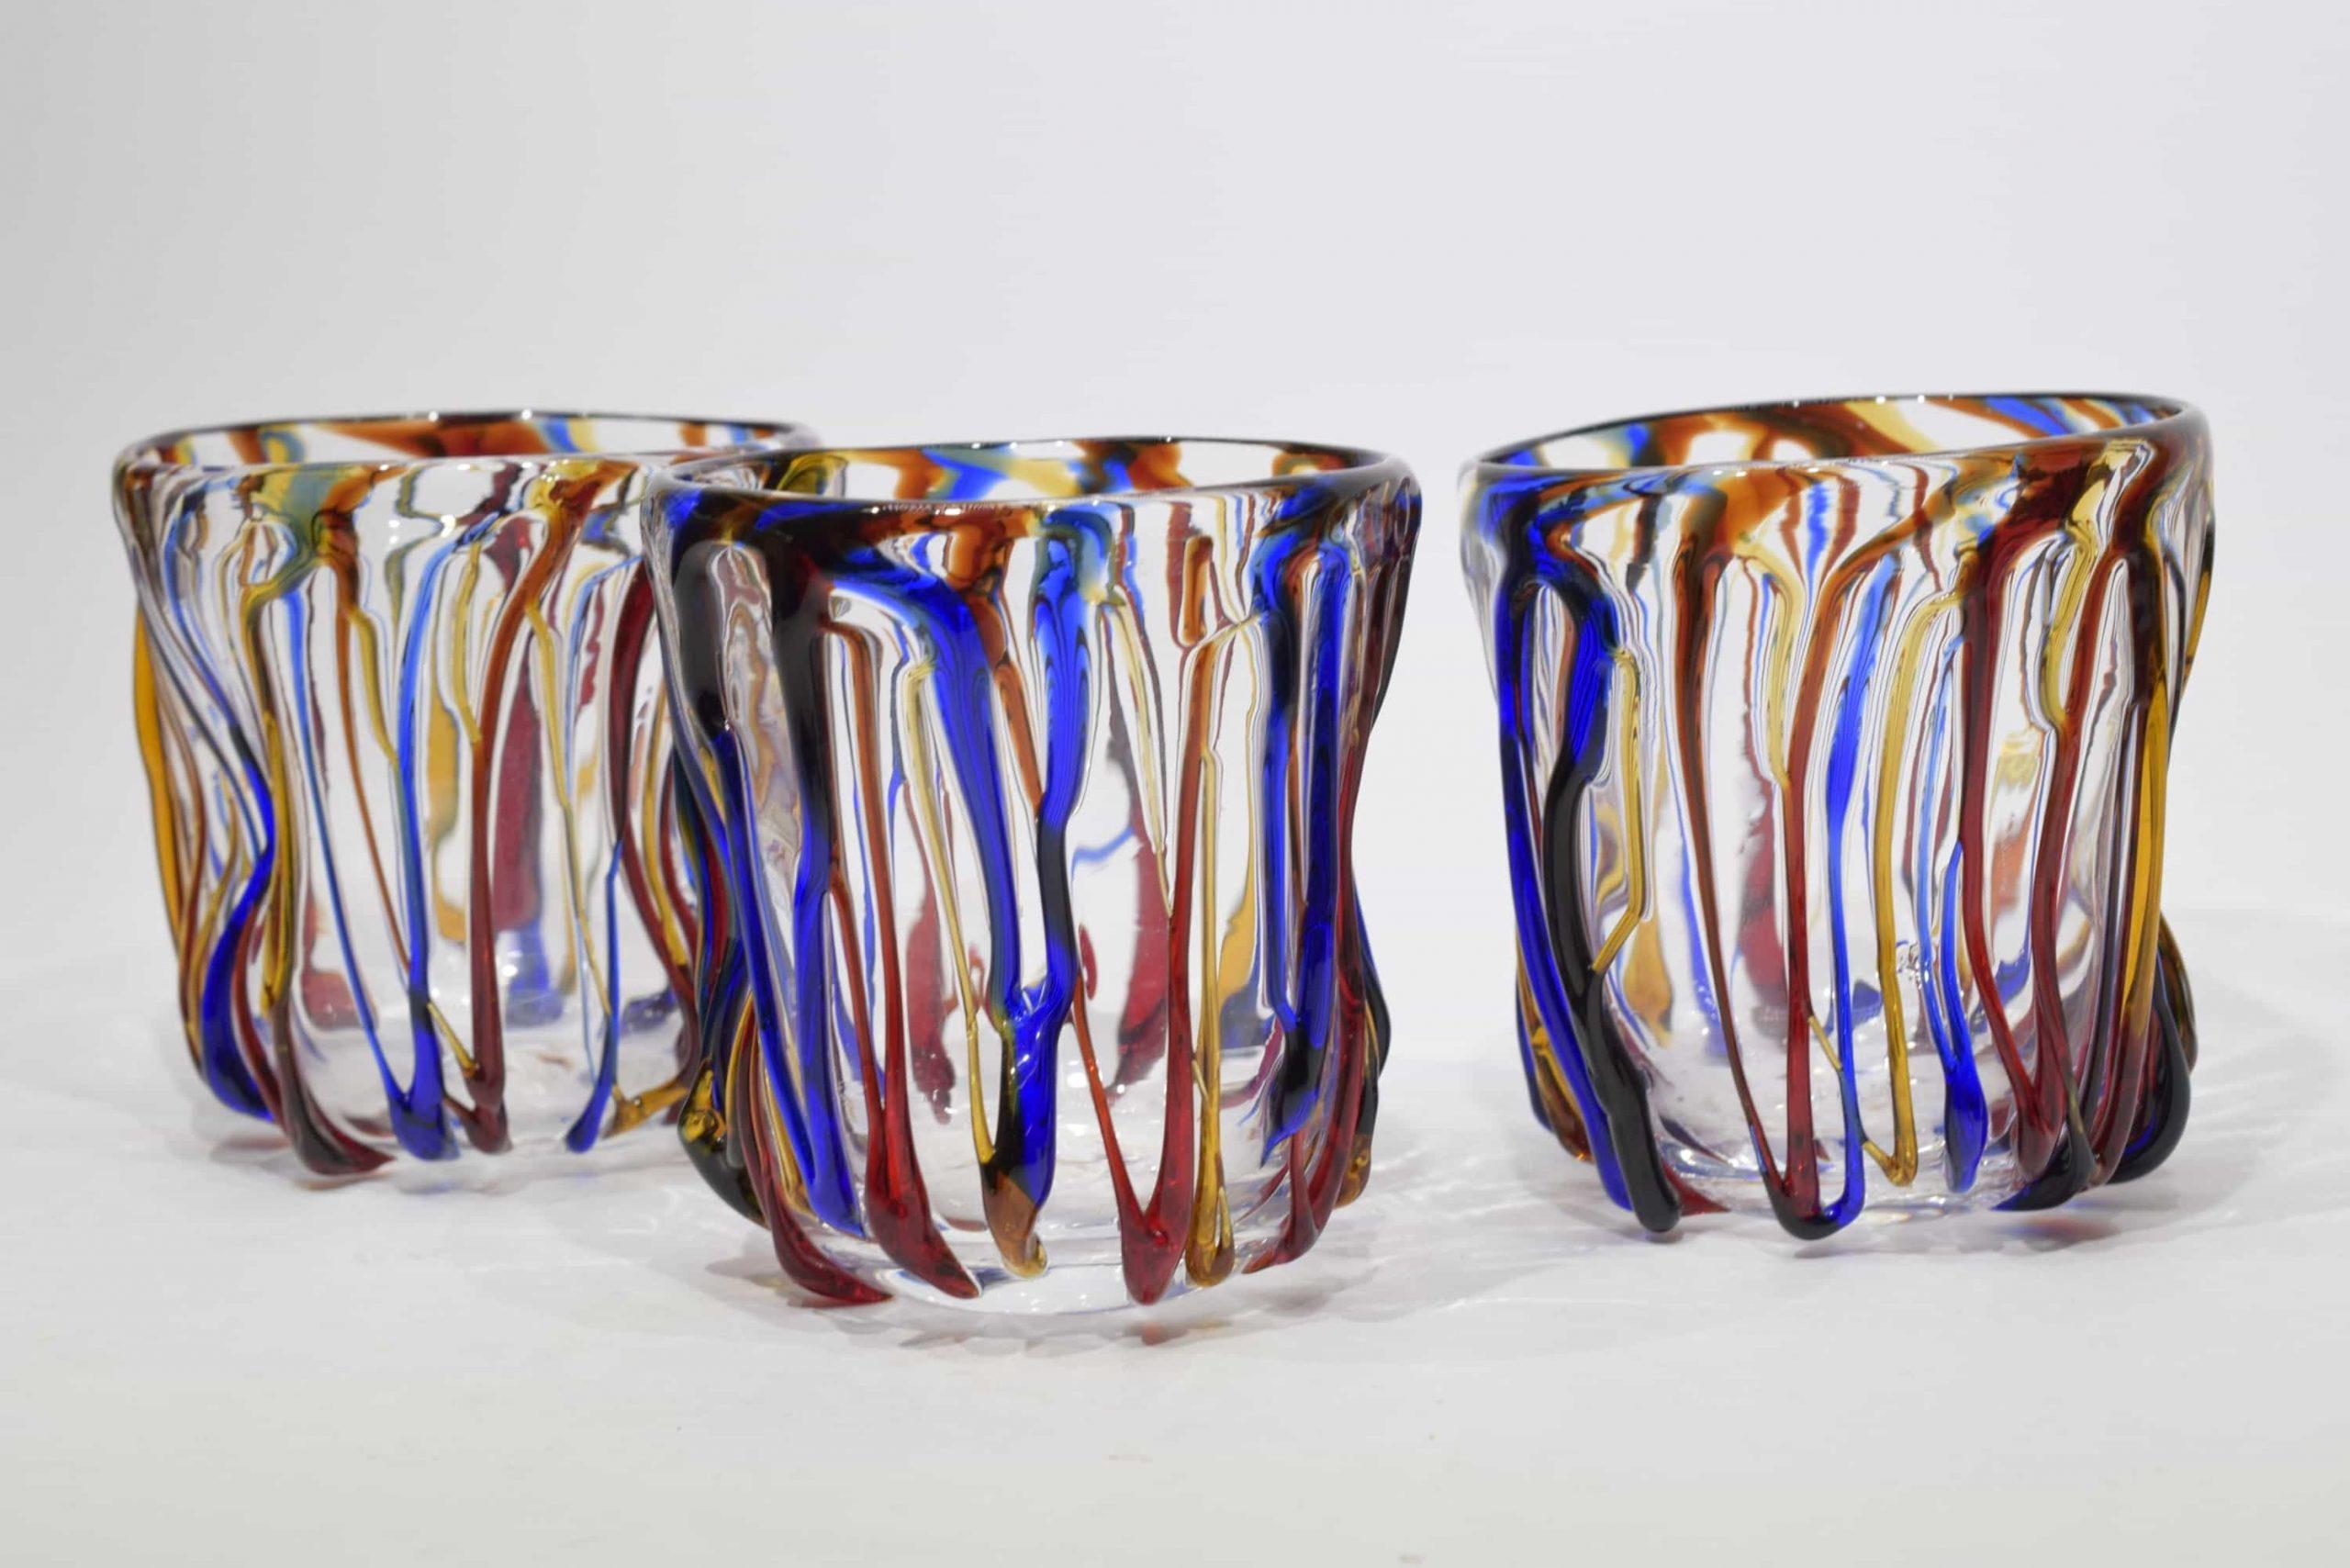 Goti Sammlerstück aus Muranoglas